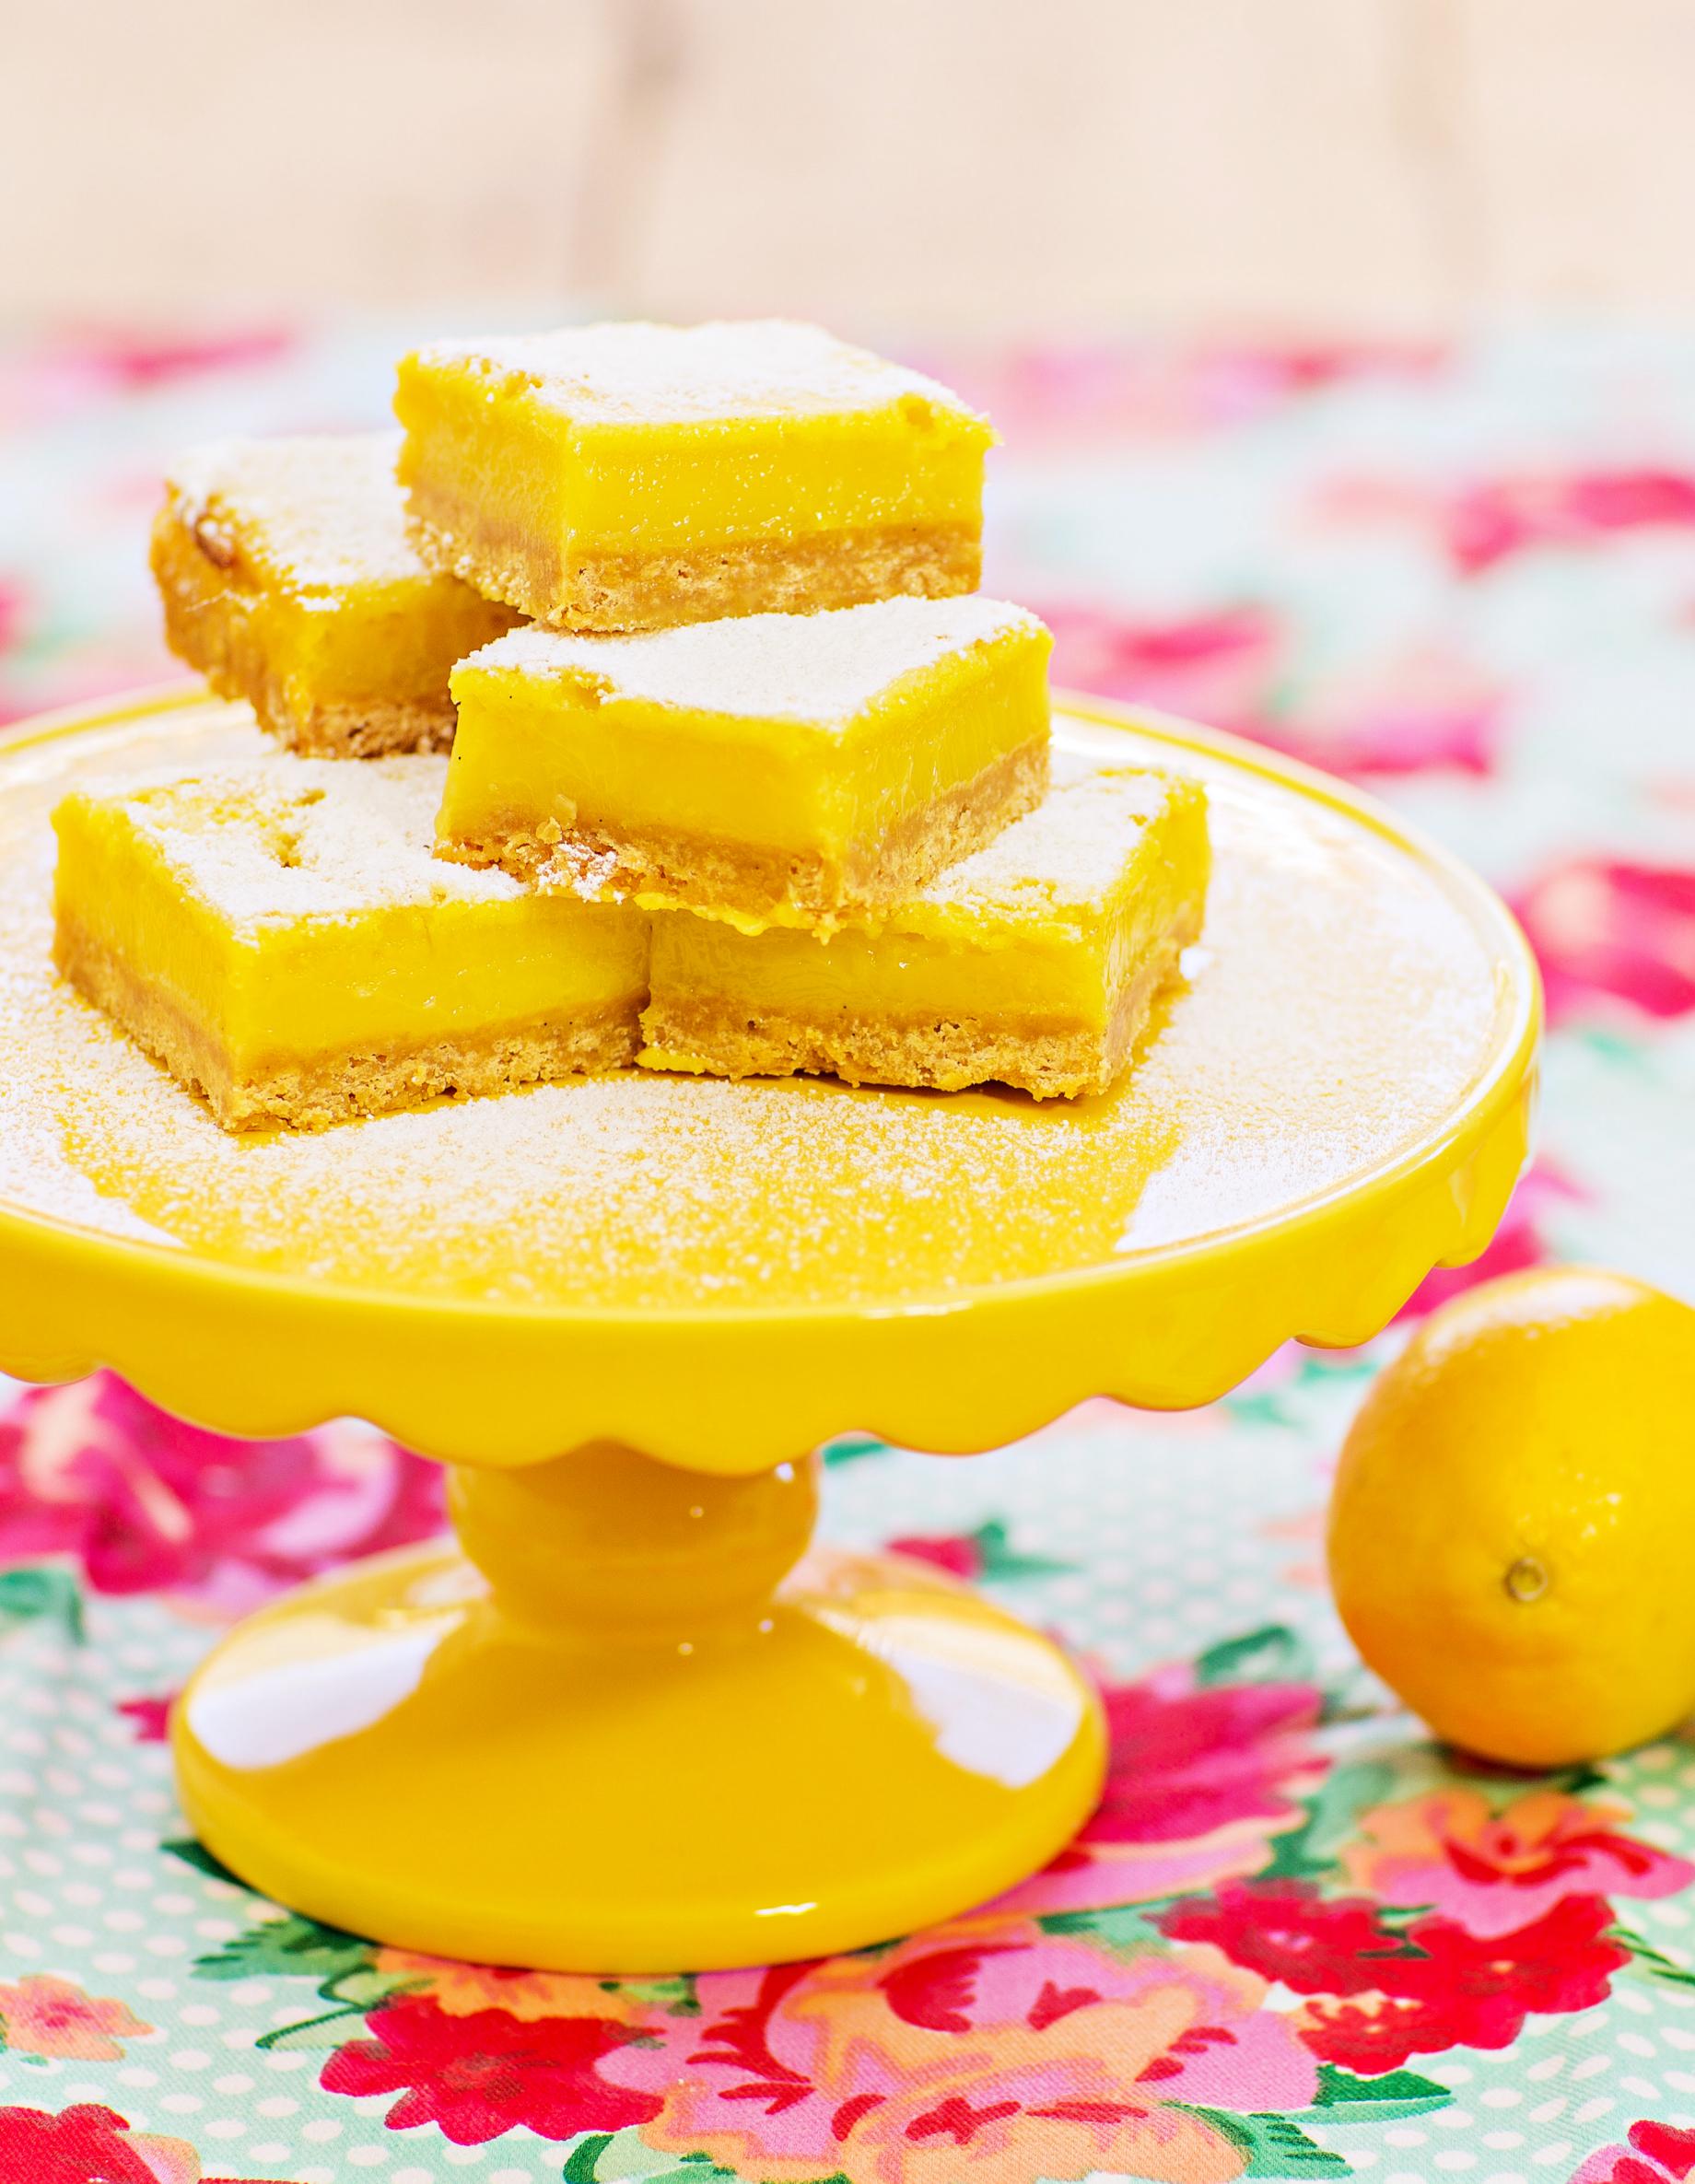 Lemon-Shortbread-Slice_Fotor.jpg#asset:2